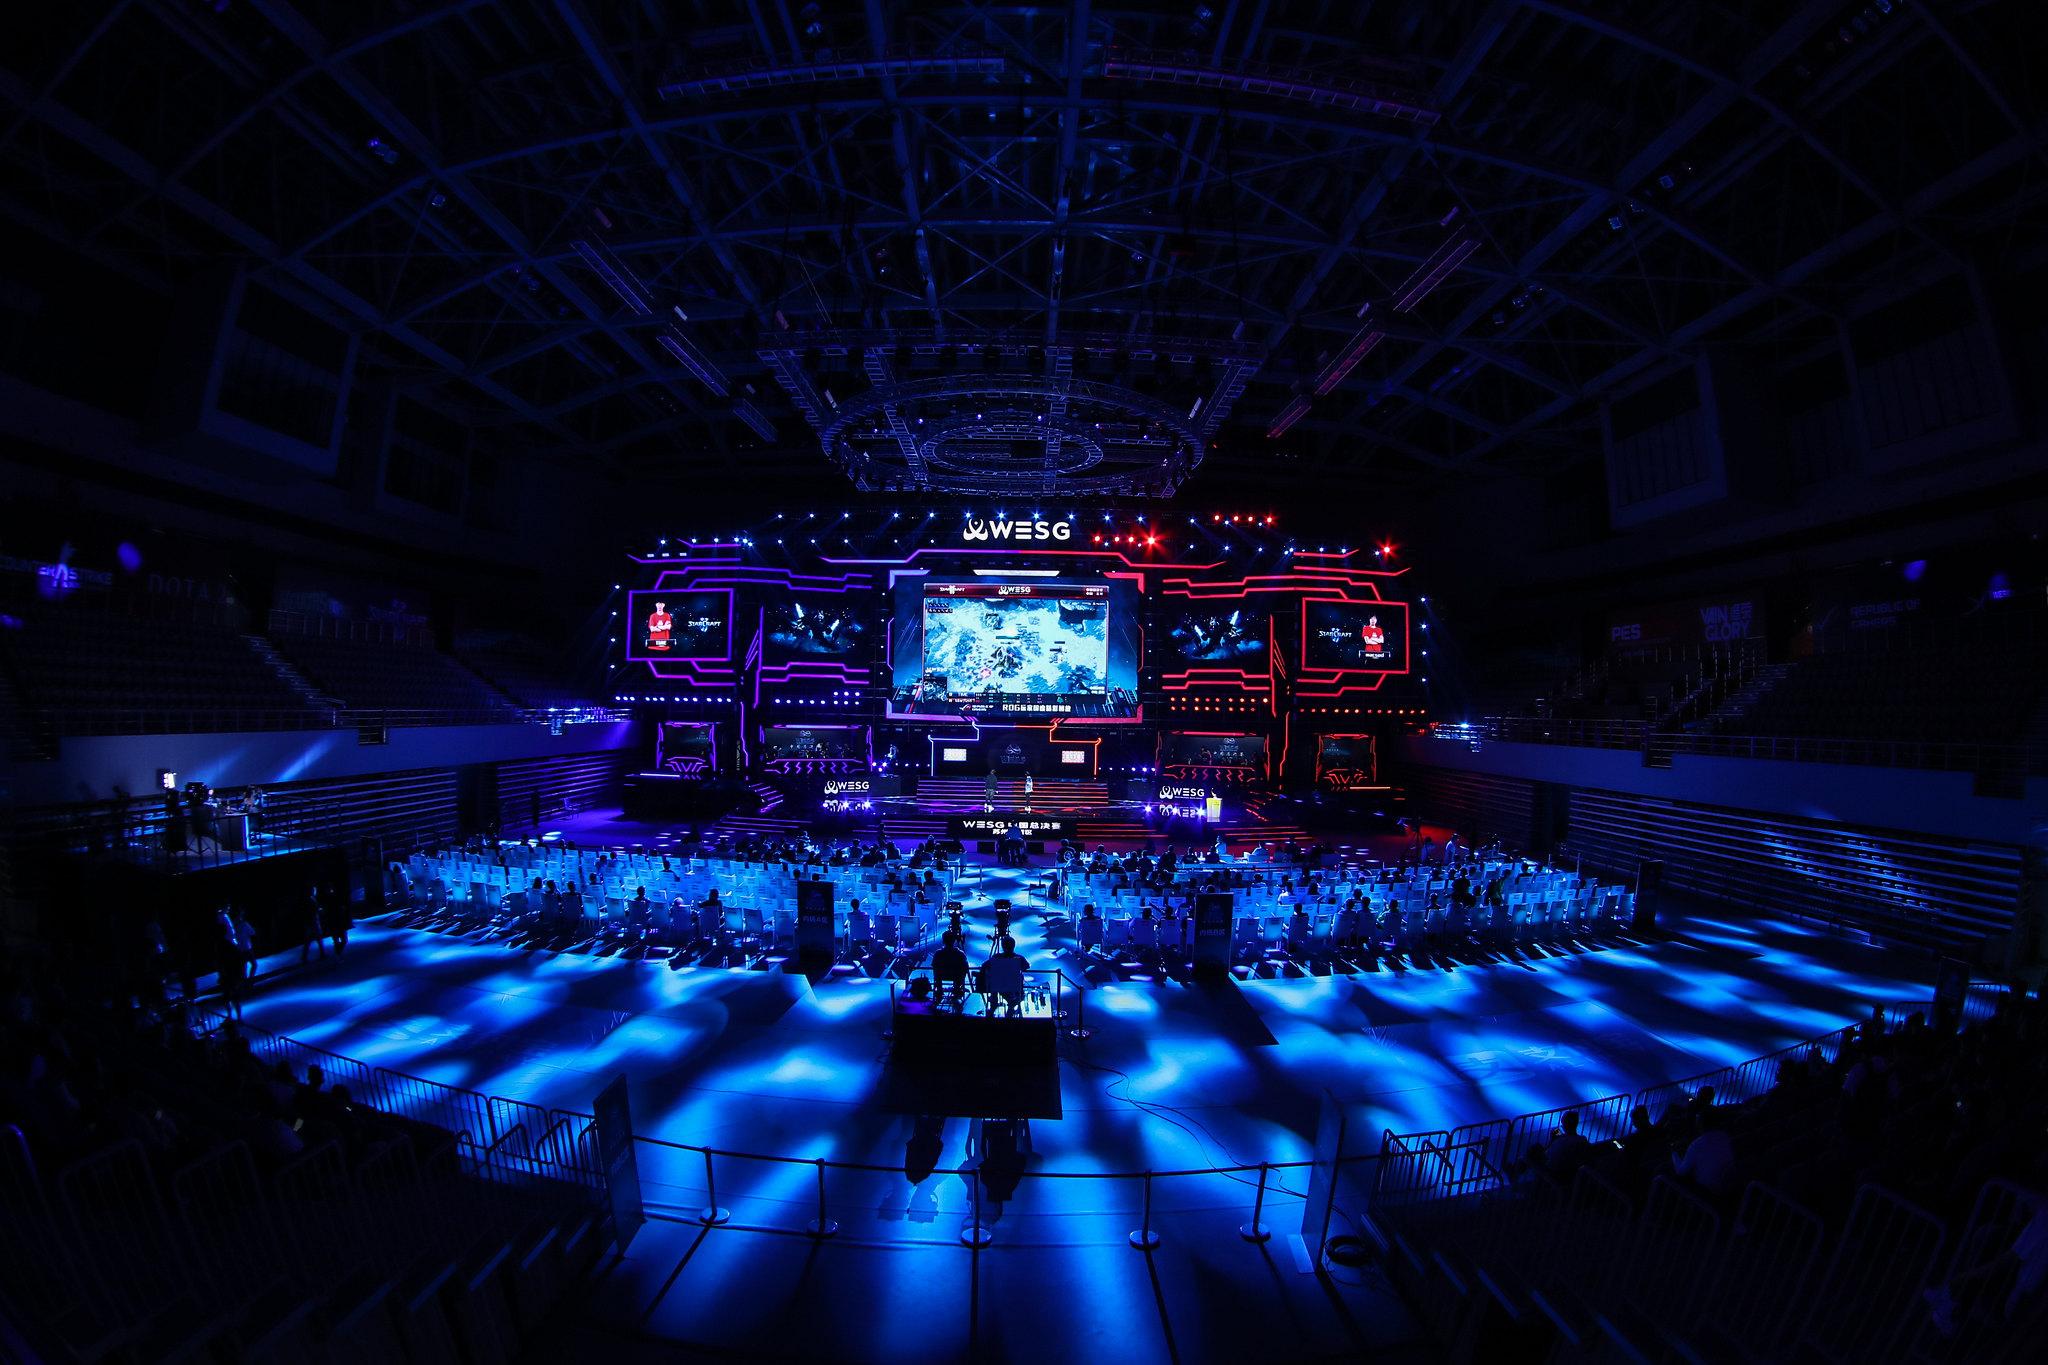 WESG.com 2017 Main Stage